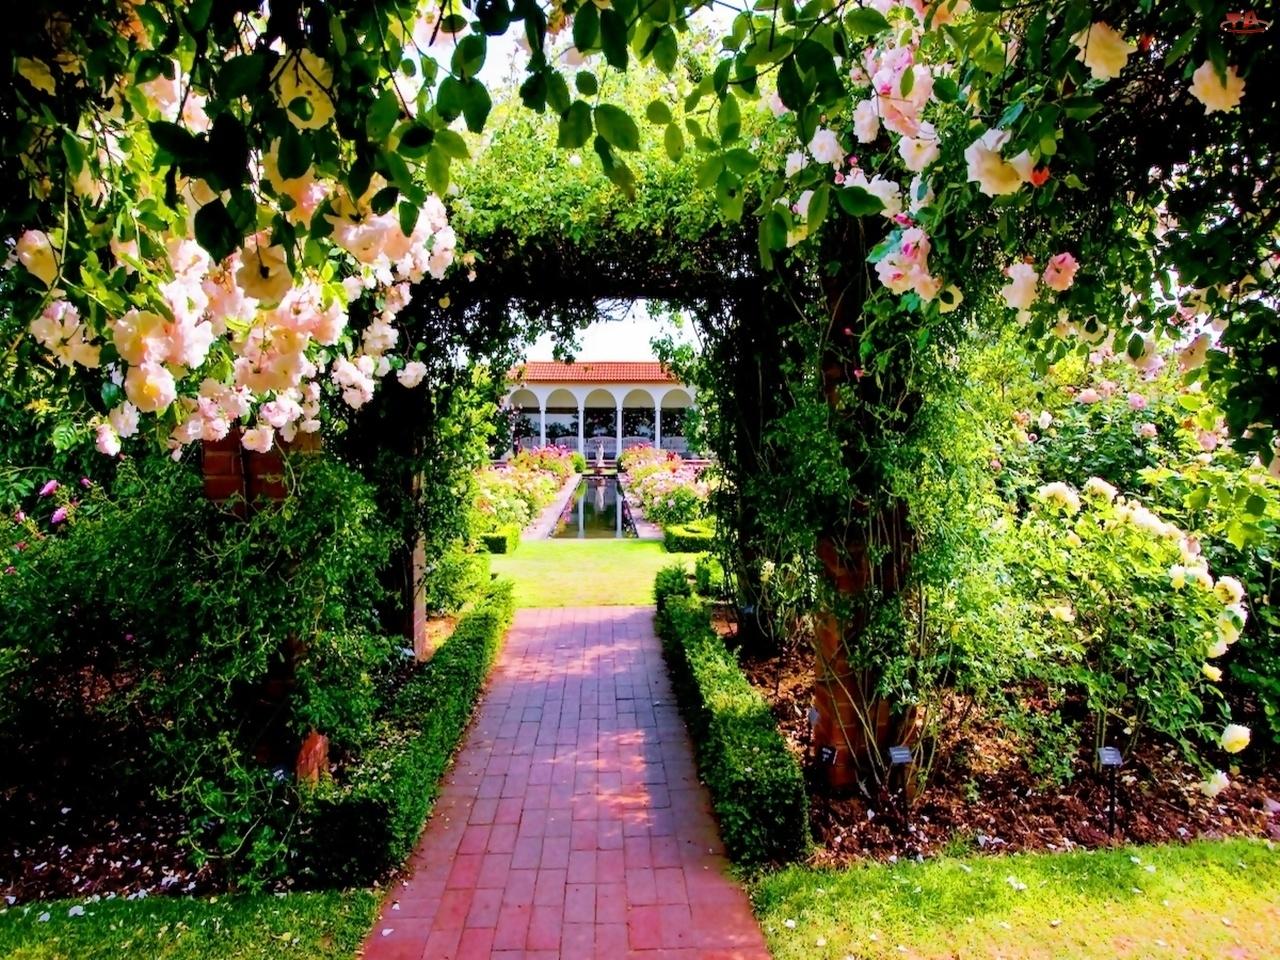 Ogród, Kwiatowy, Pałac, Tunel, Sadzawka, Alejka